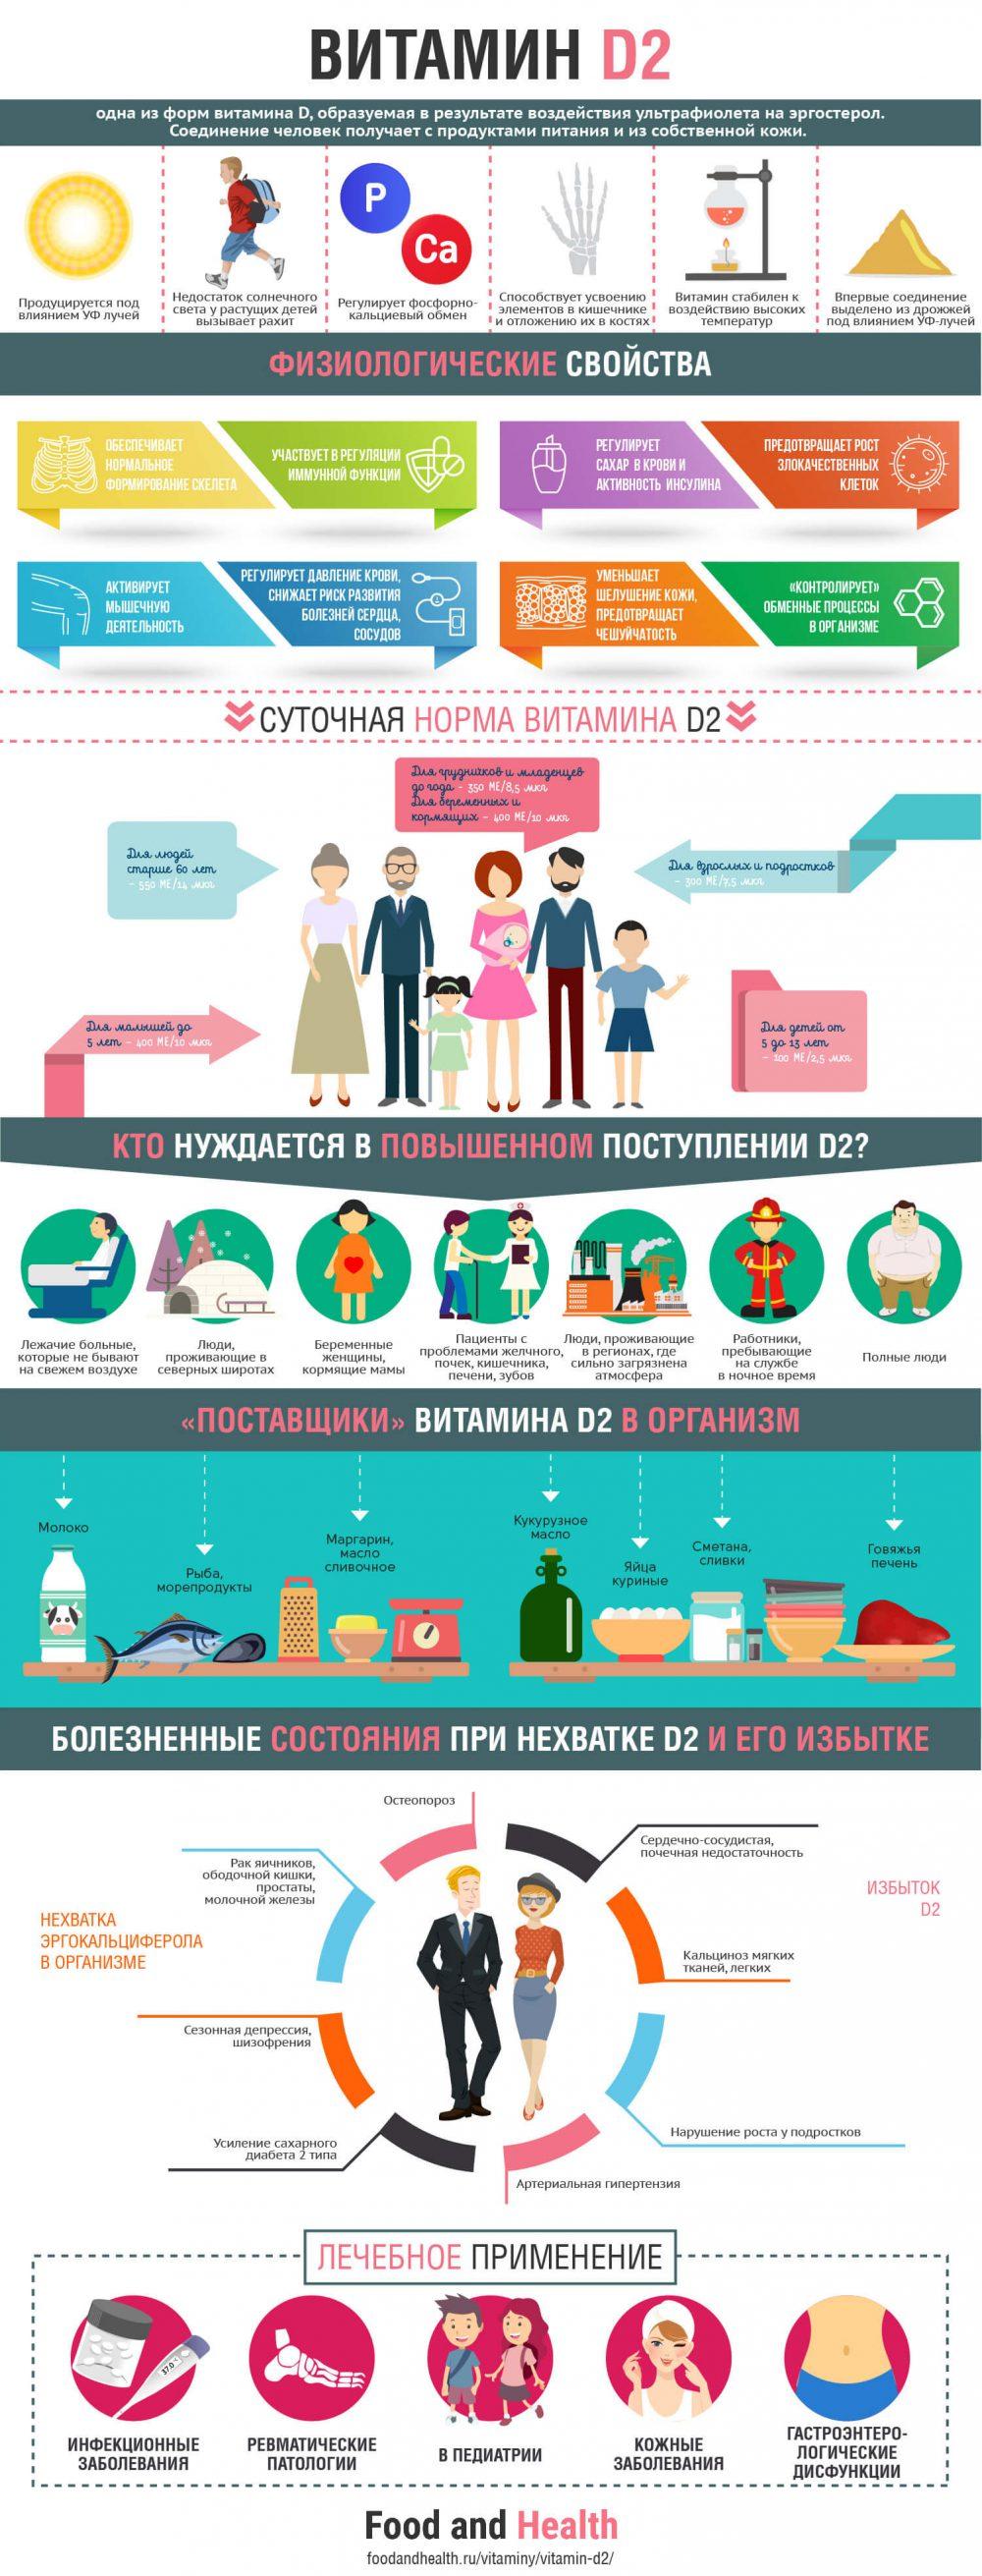 Витамин D2 - инфографика